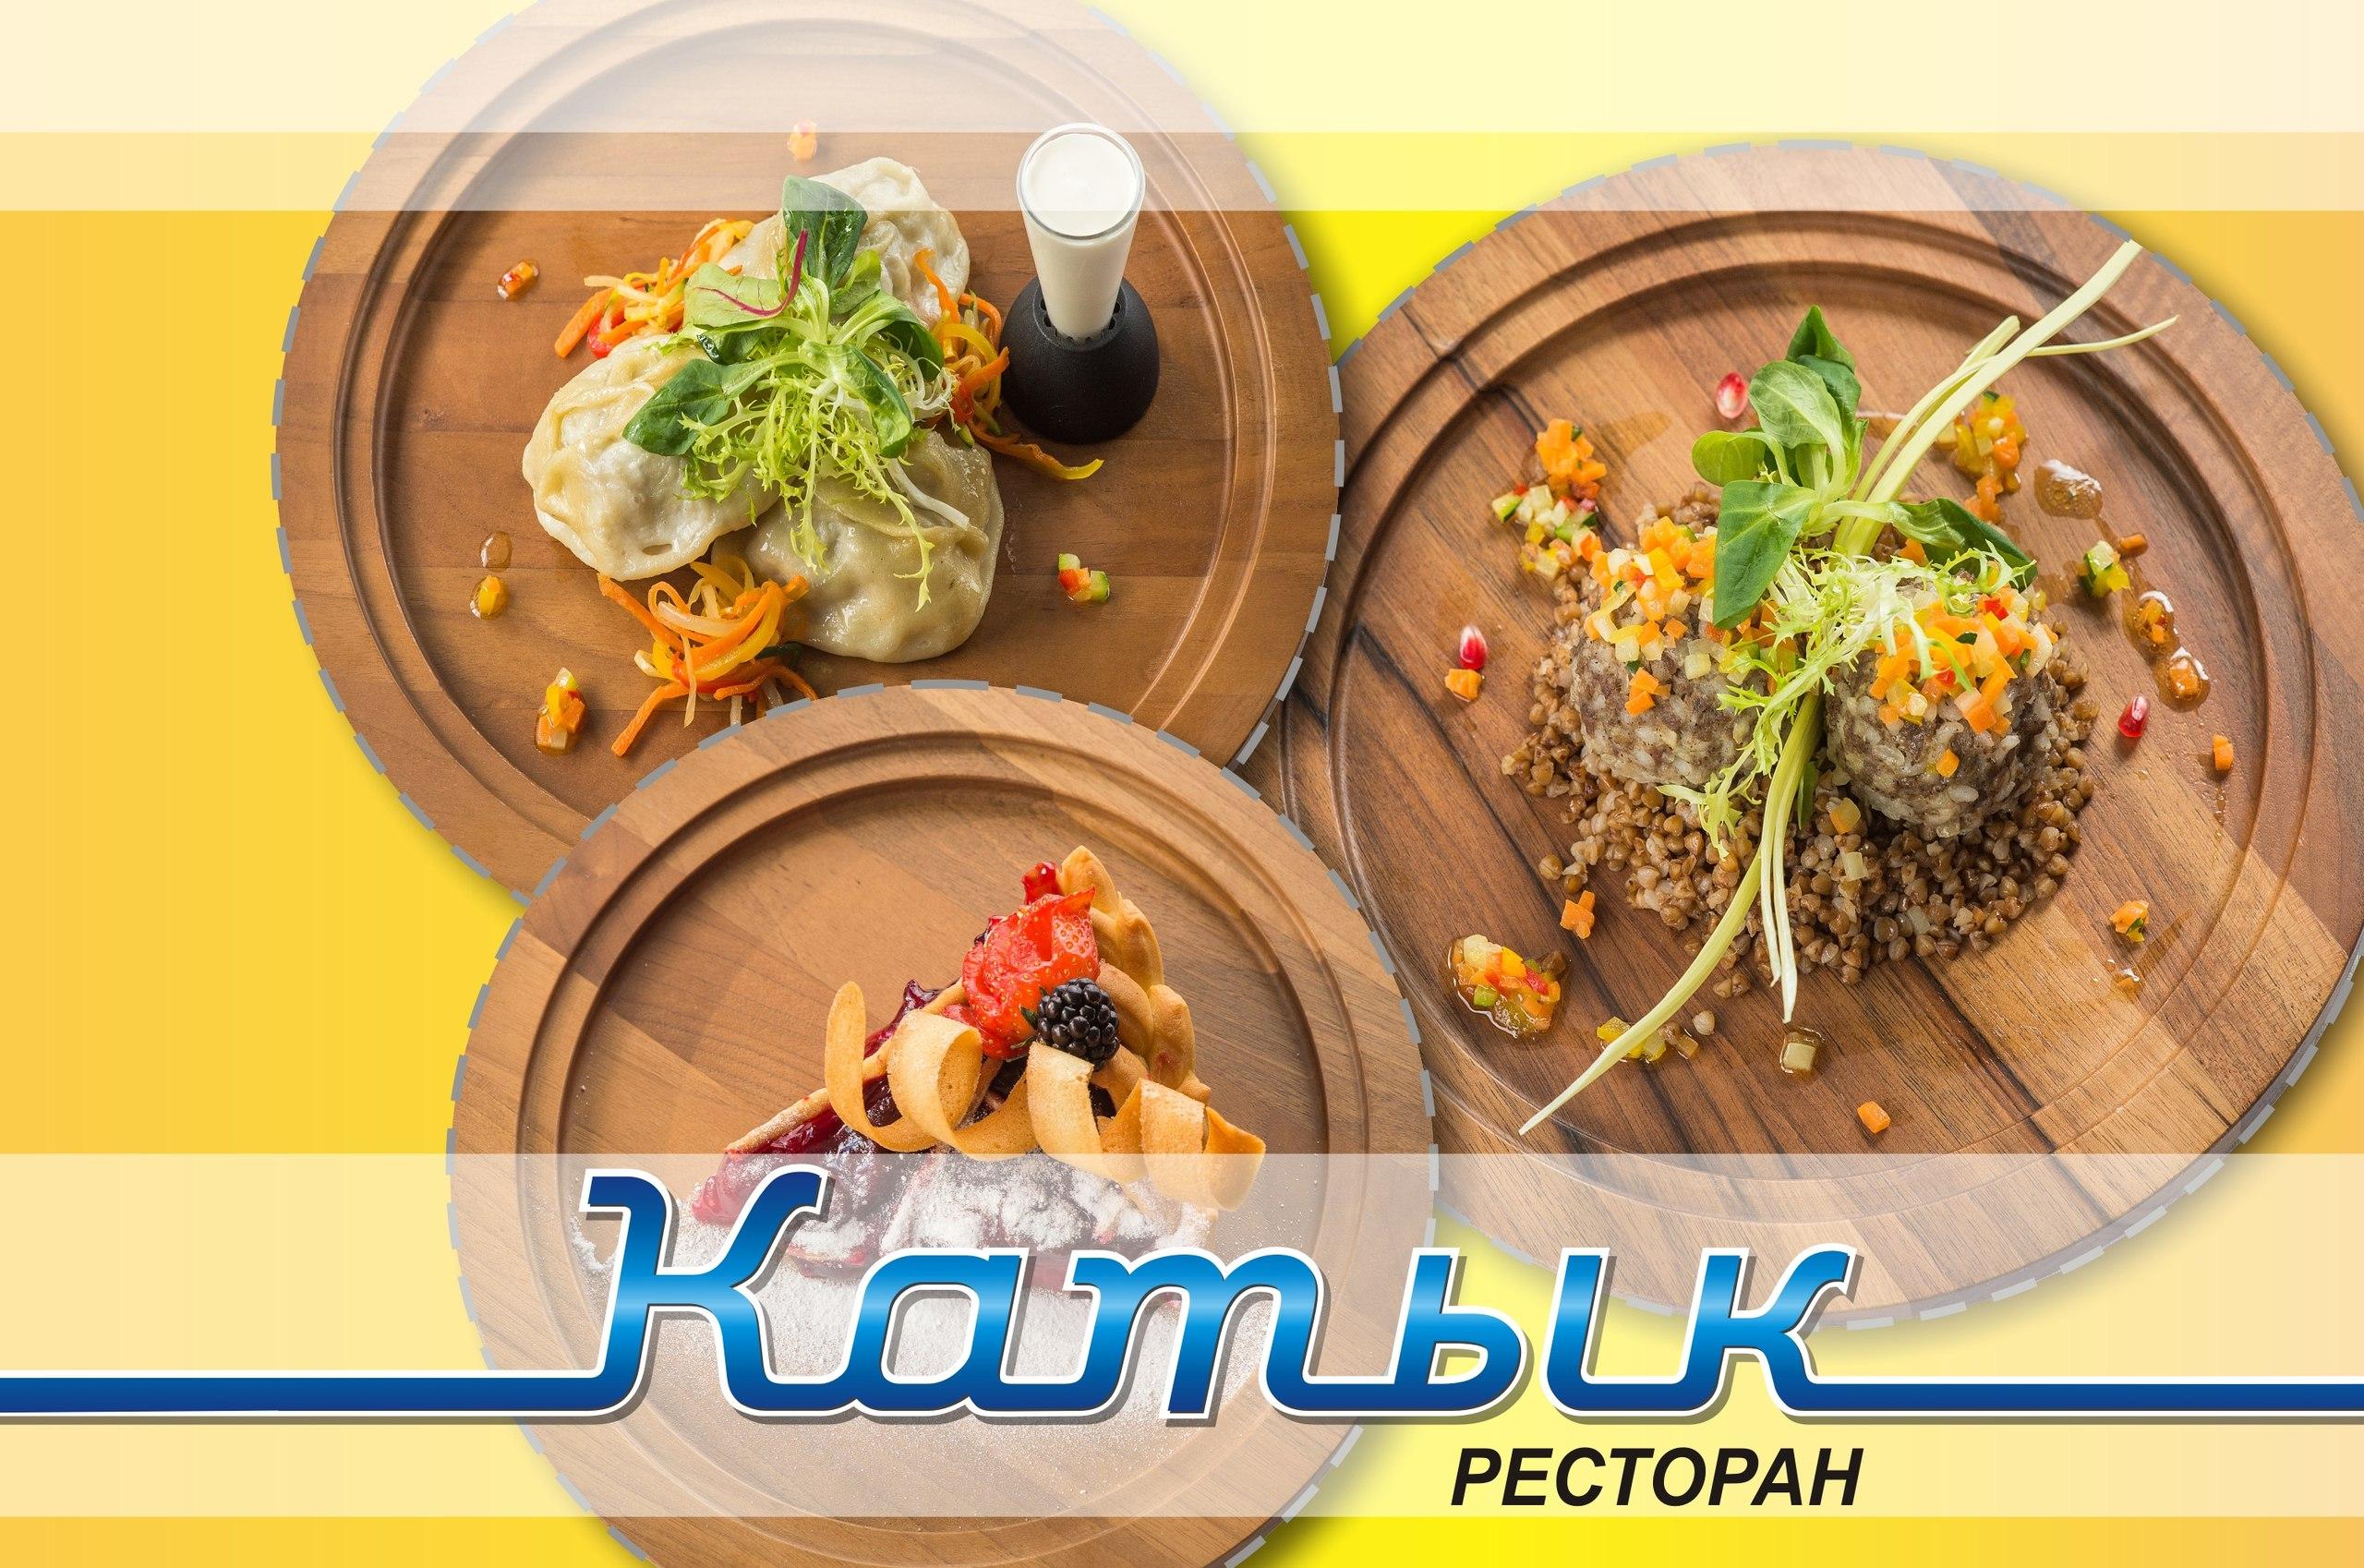 Ресторан, банкетный зал «Катык» - Вконтакте